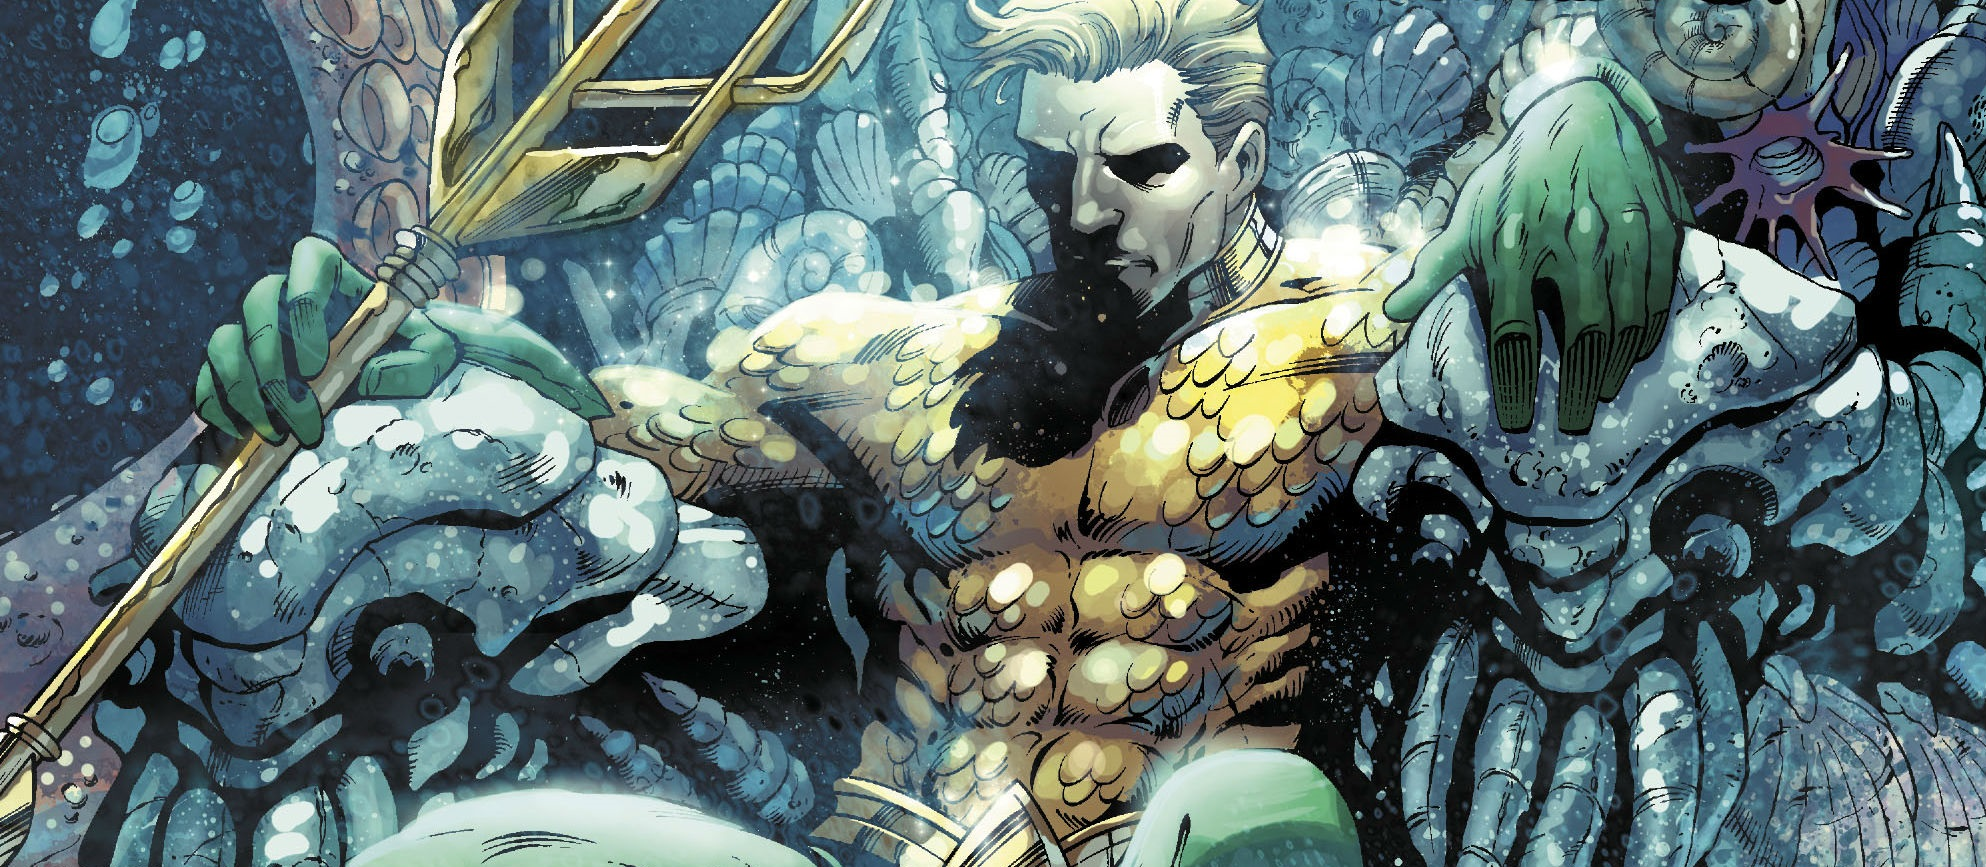 aqua1-batman-vs-superman-introducing-aquaman.jpeg